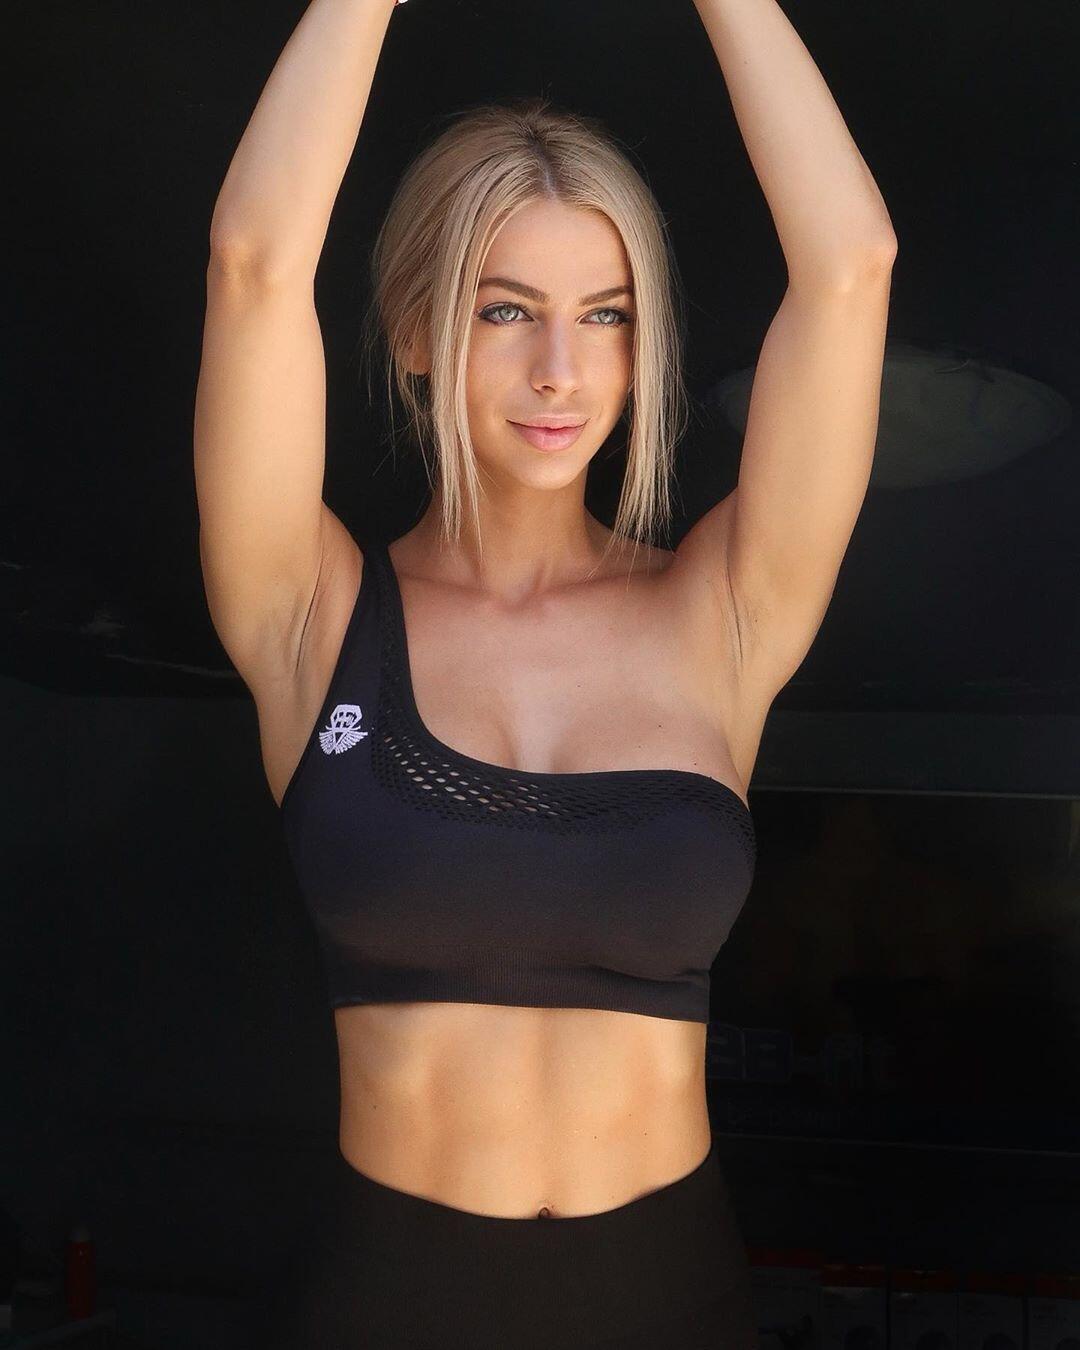 Знаменитая фитнес-модель снялась обнаженной